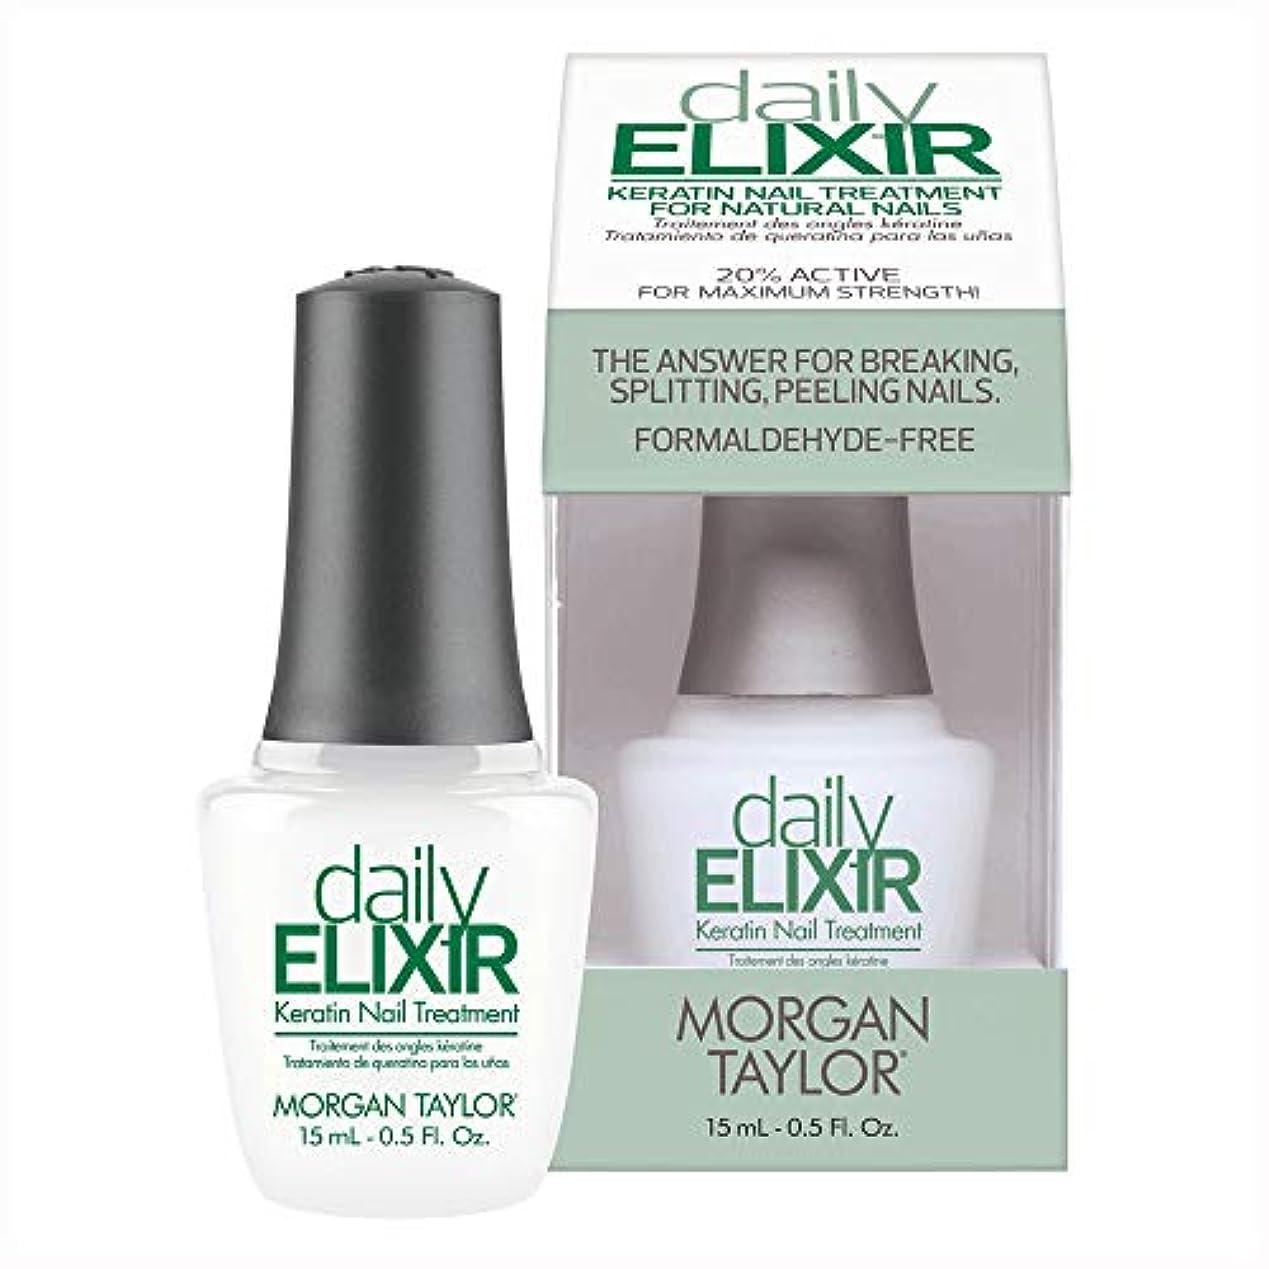 ナイトスポットそよ風断言するMorgan Taylor - Daily ELIXIR Keratin Nail Treatment - 15 ml/0.5 oz